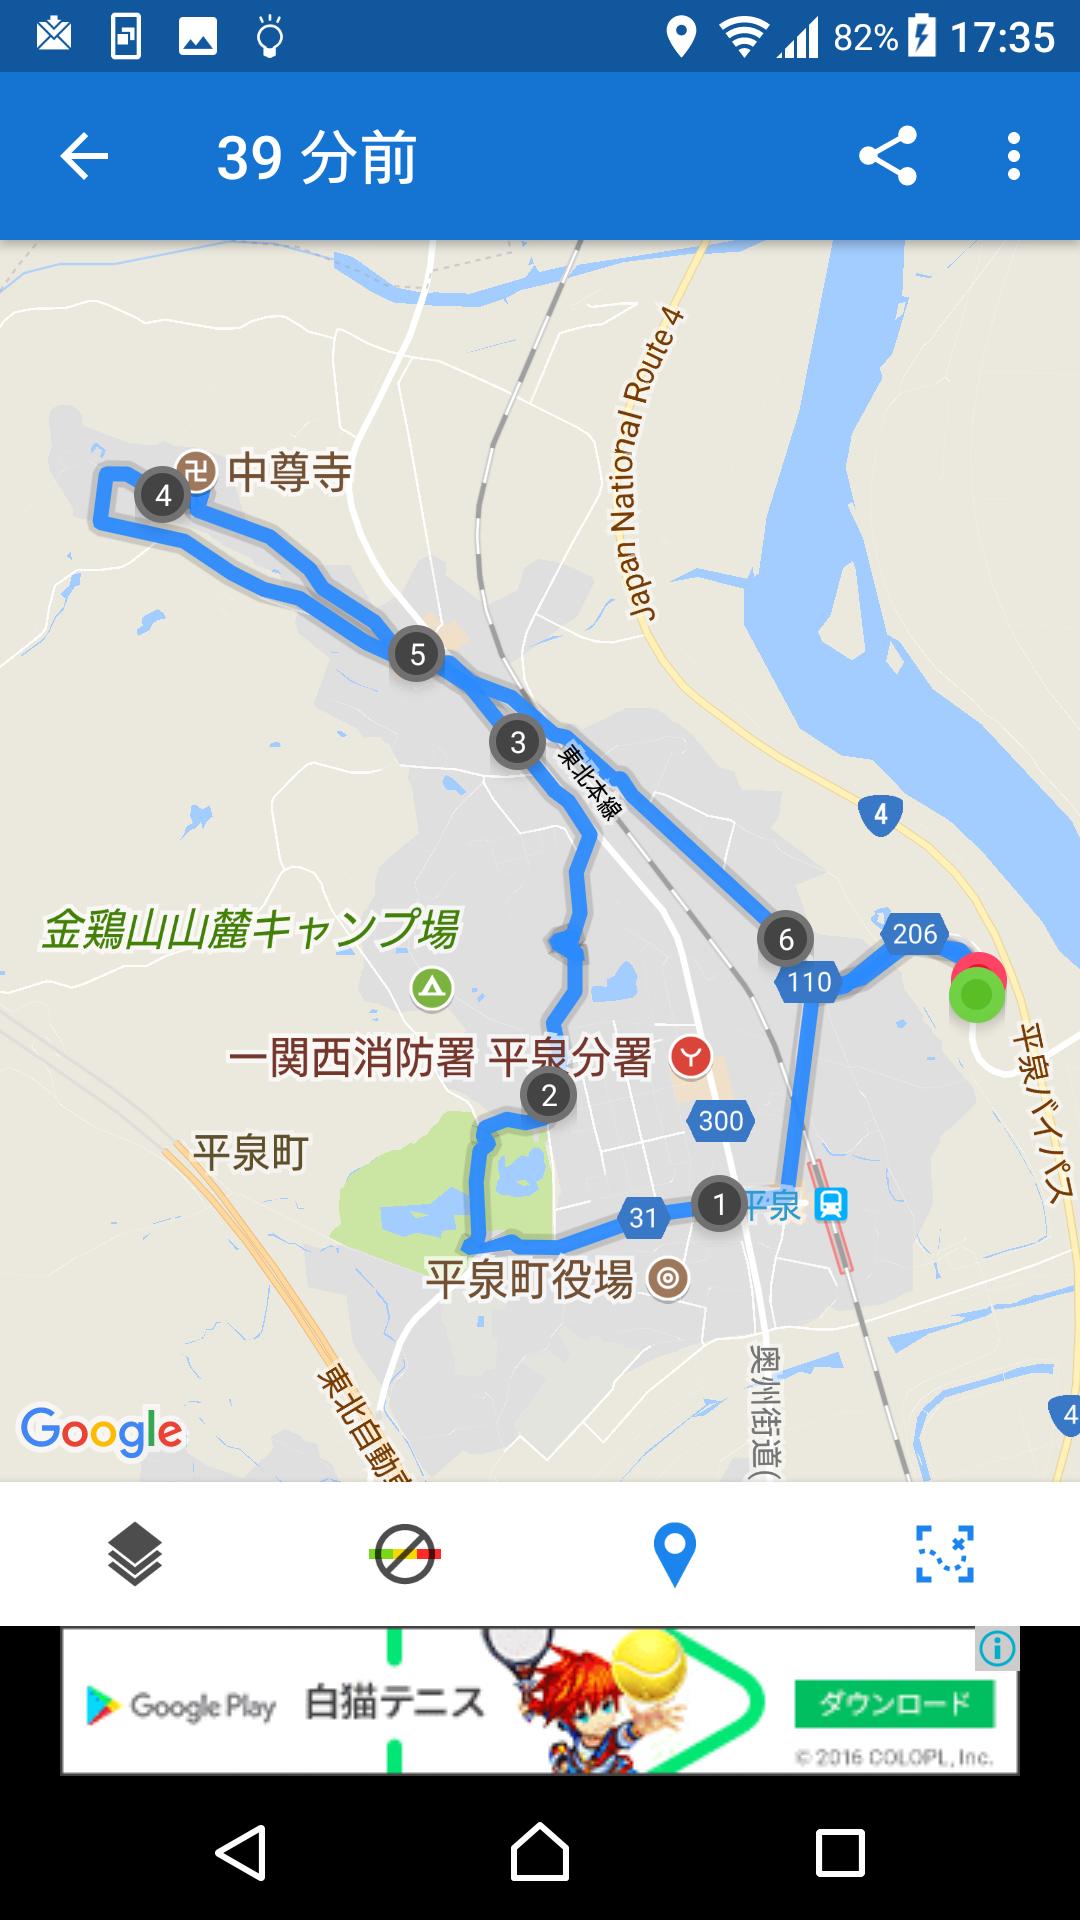 f:id:ynakayama27:20170707180351p:plain